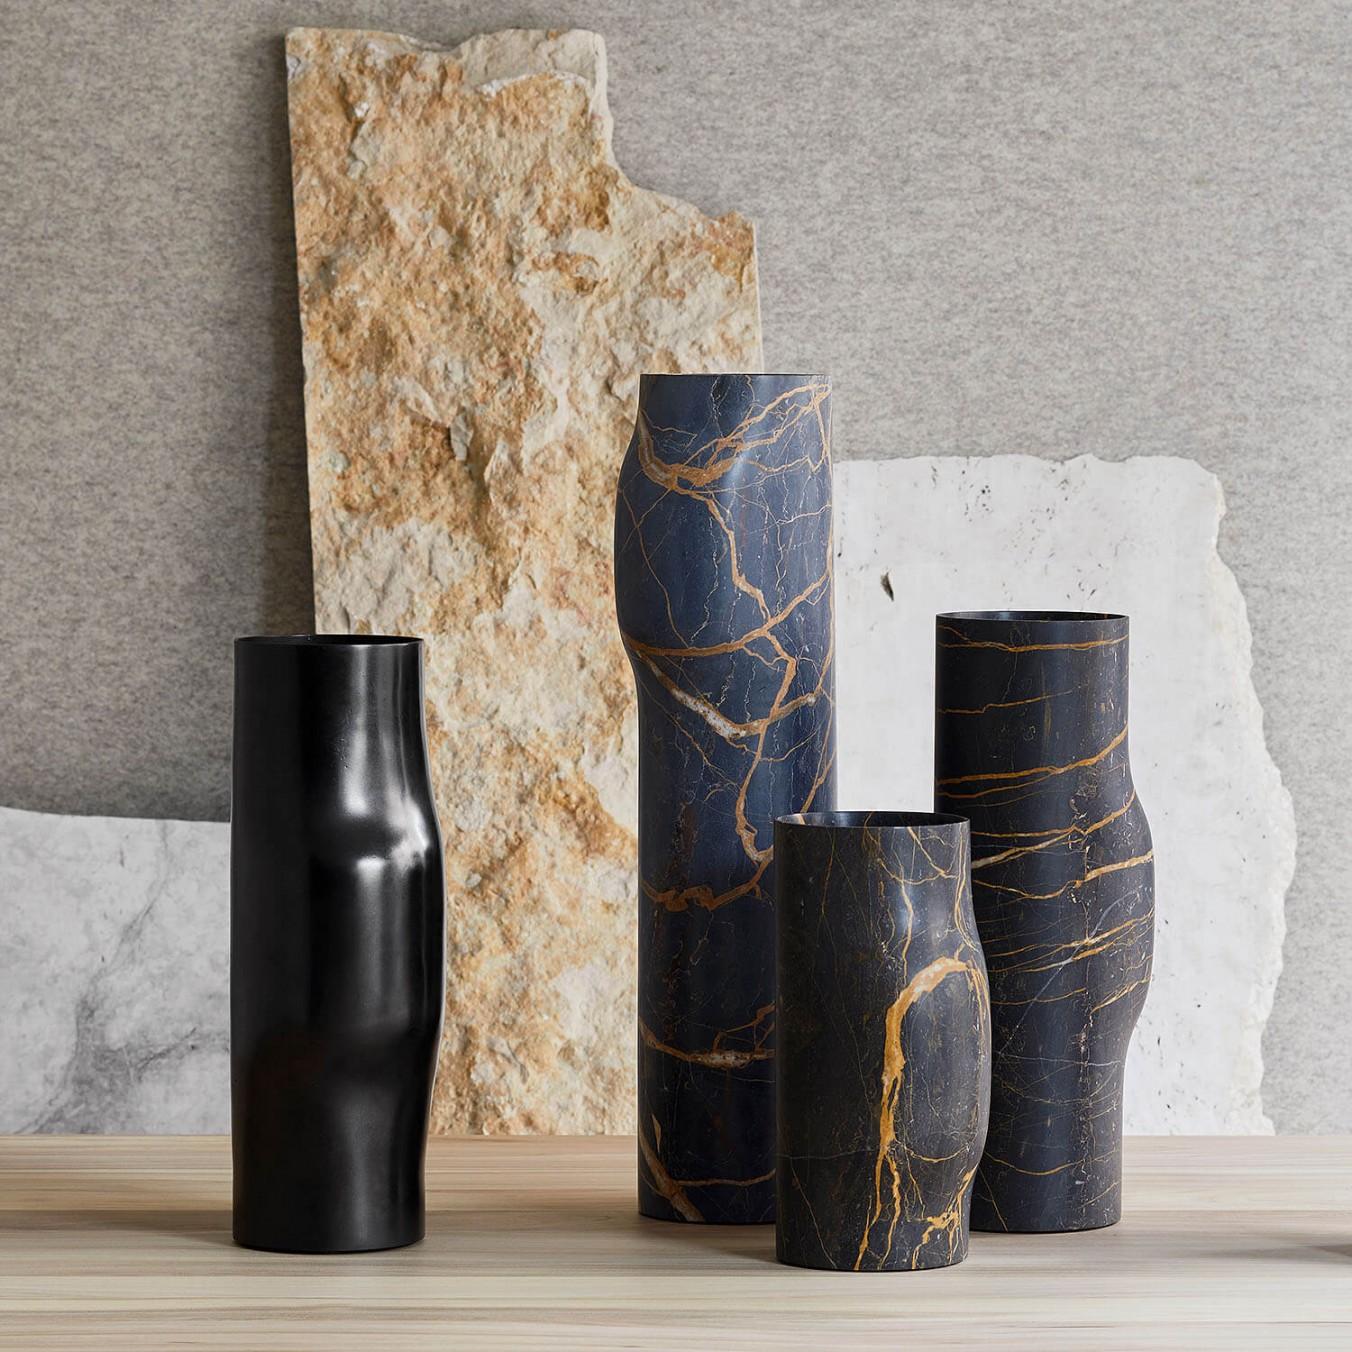 Bos vases